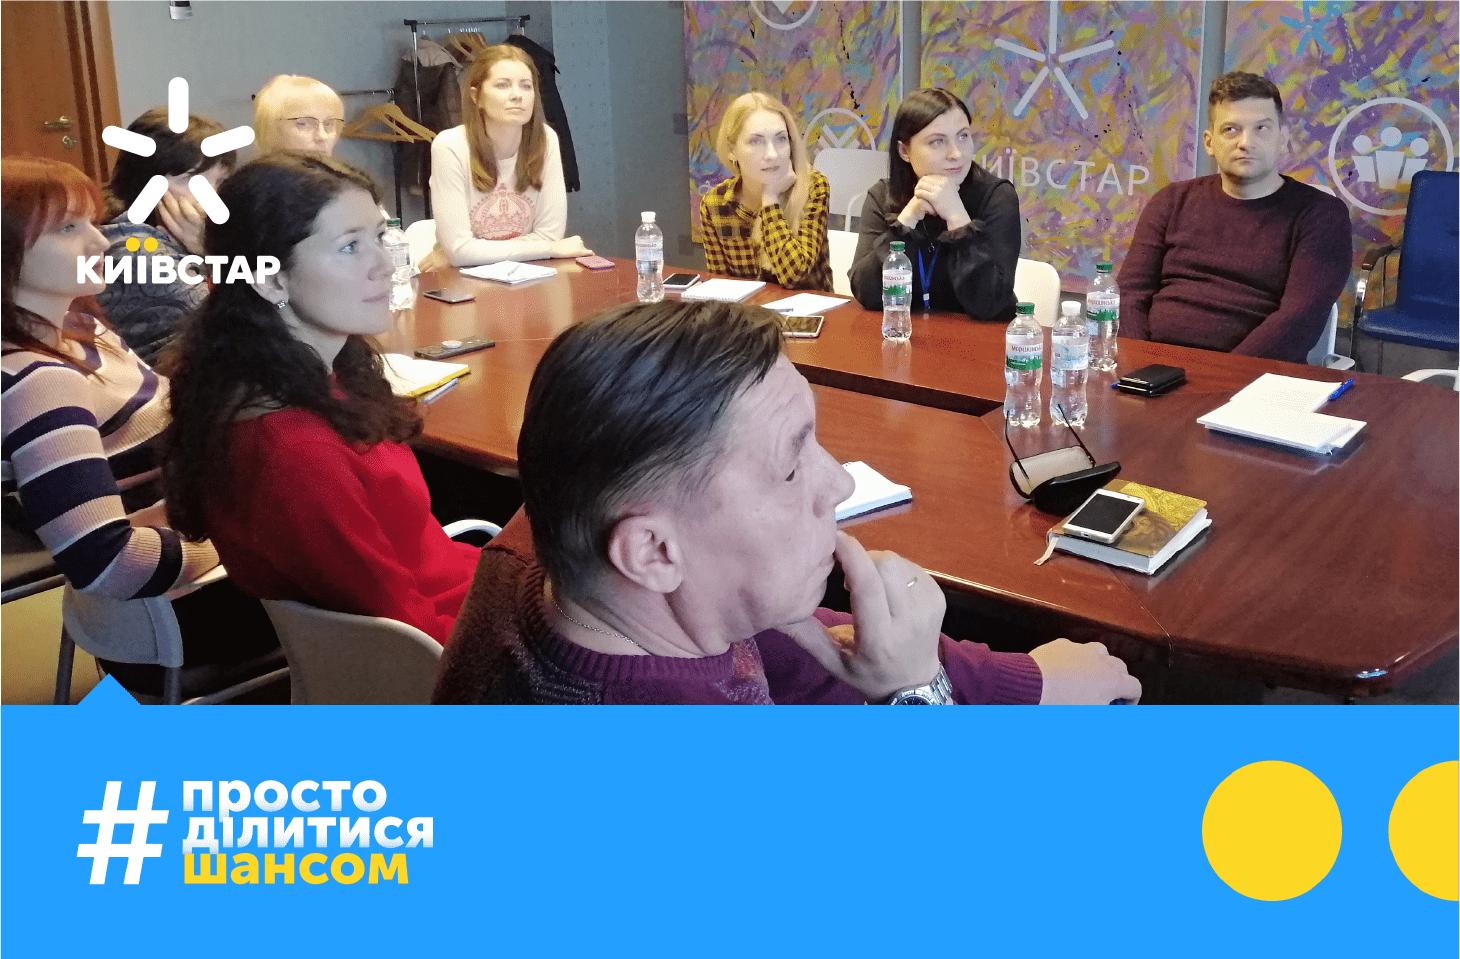 Returnship2020: стартував другий набір стажерів, які хочуть повернутися в кар'єру | Kyivstar Business Hub зображення №3